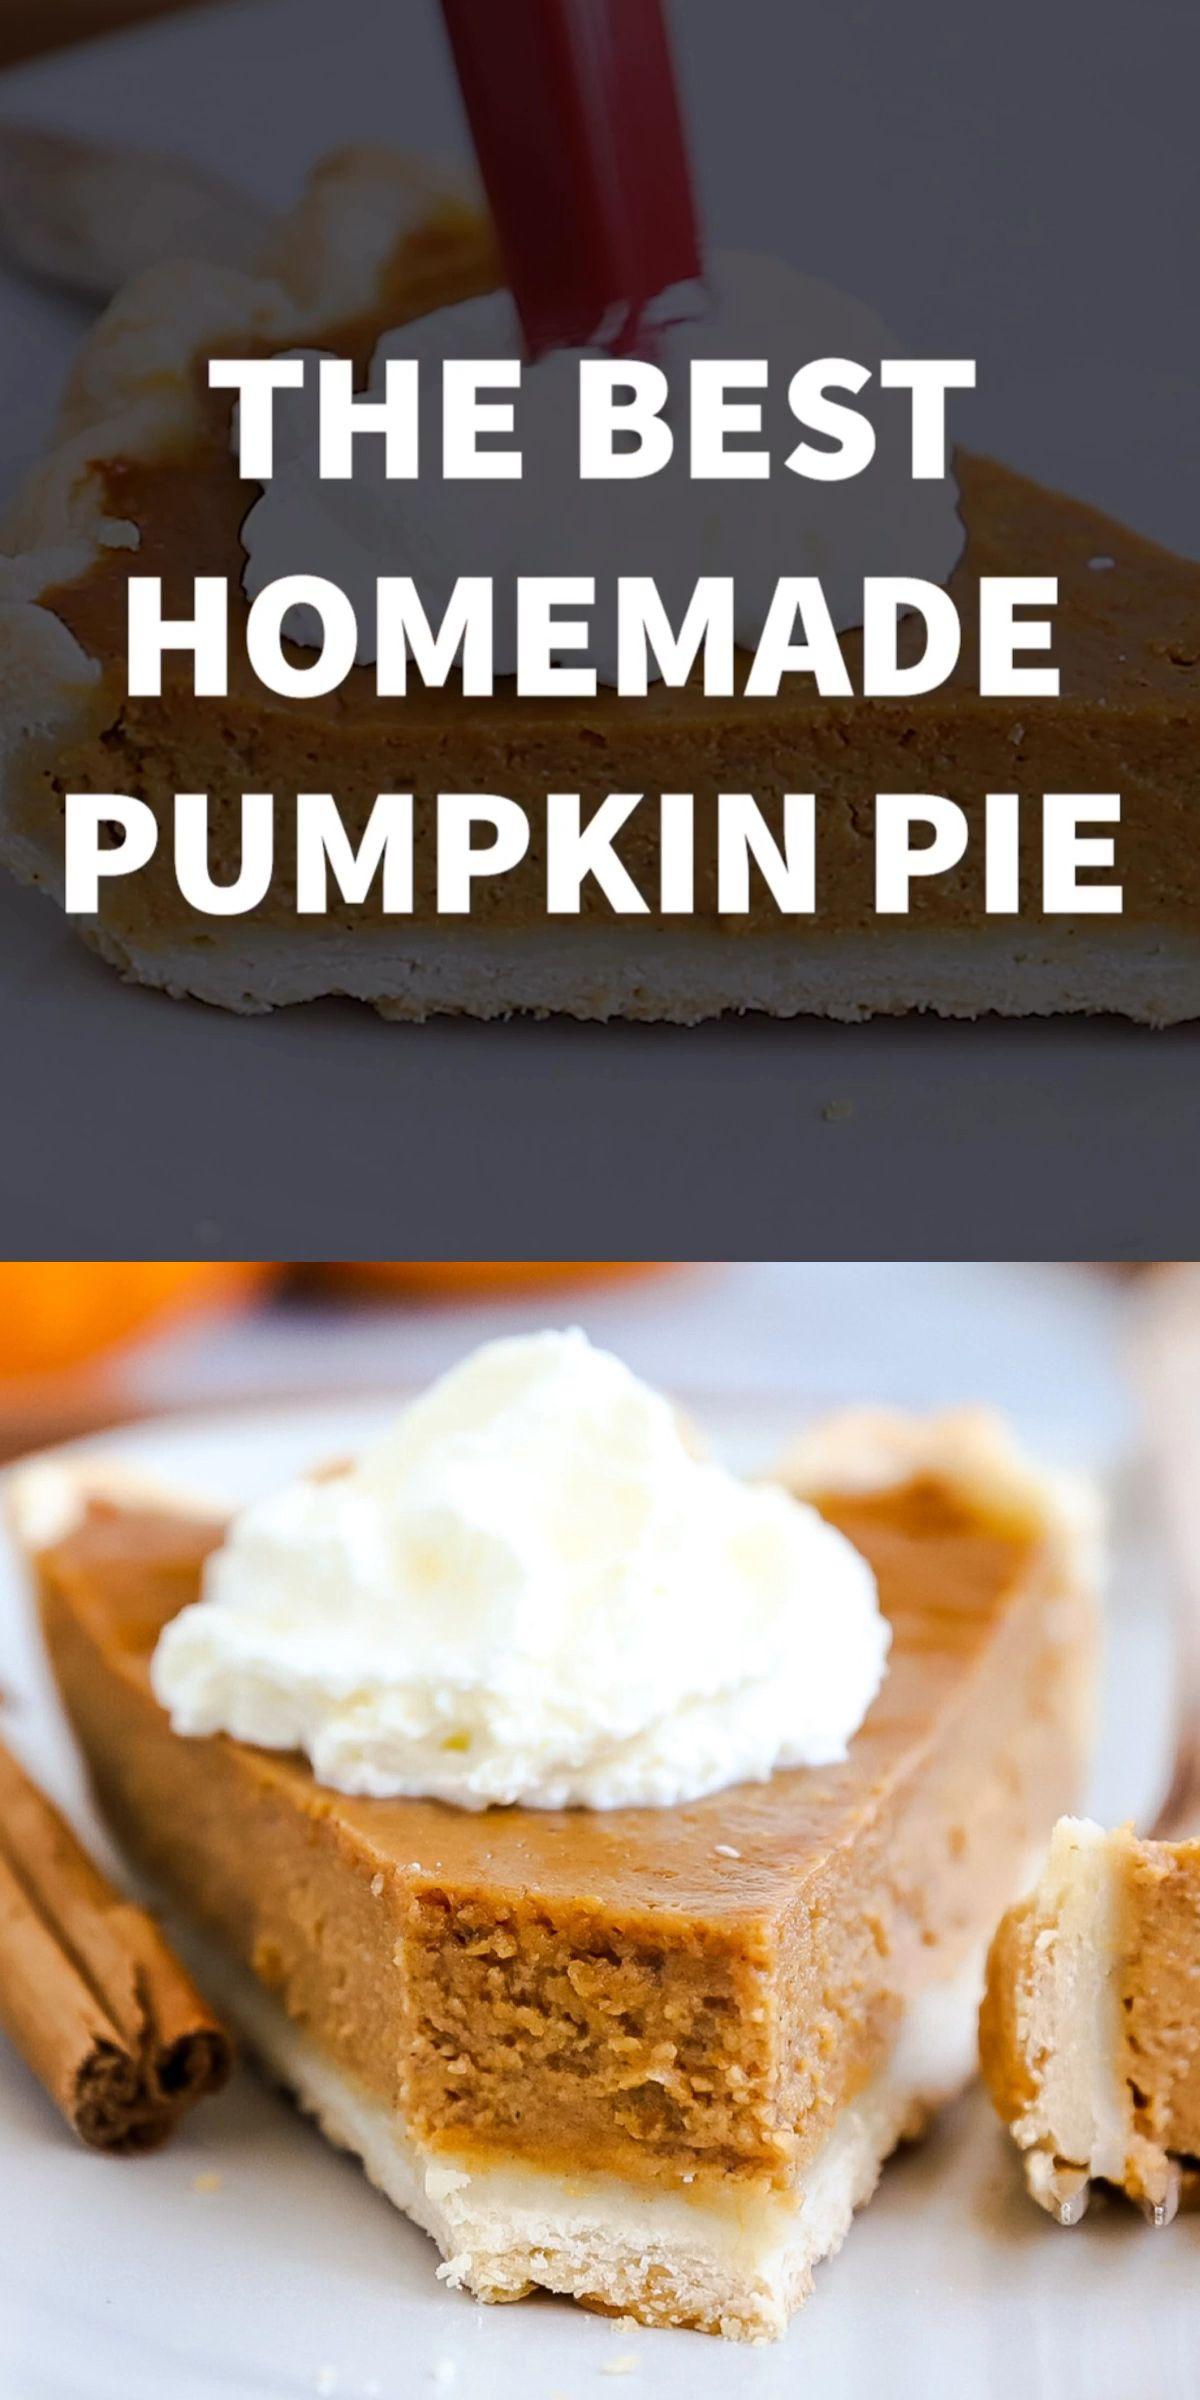 Homemade Pumpkin Pie #pumpkinpierecipe